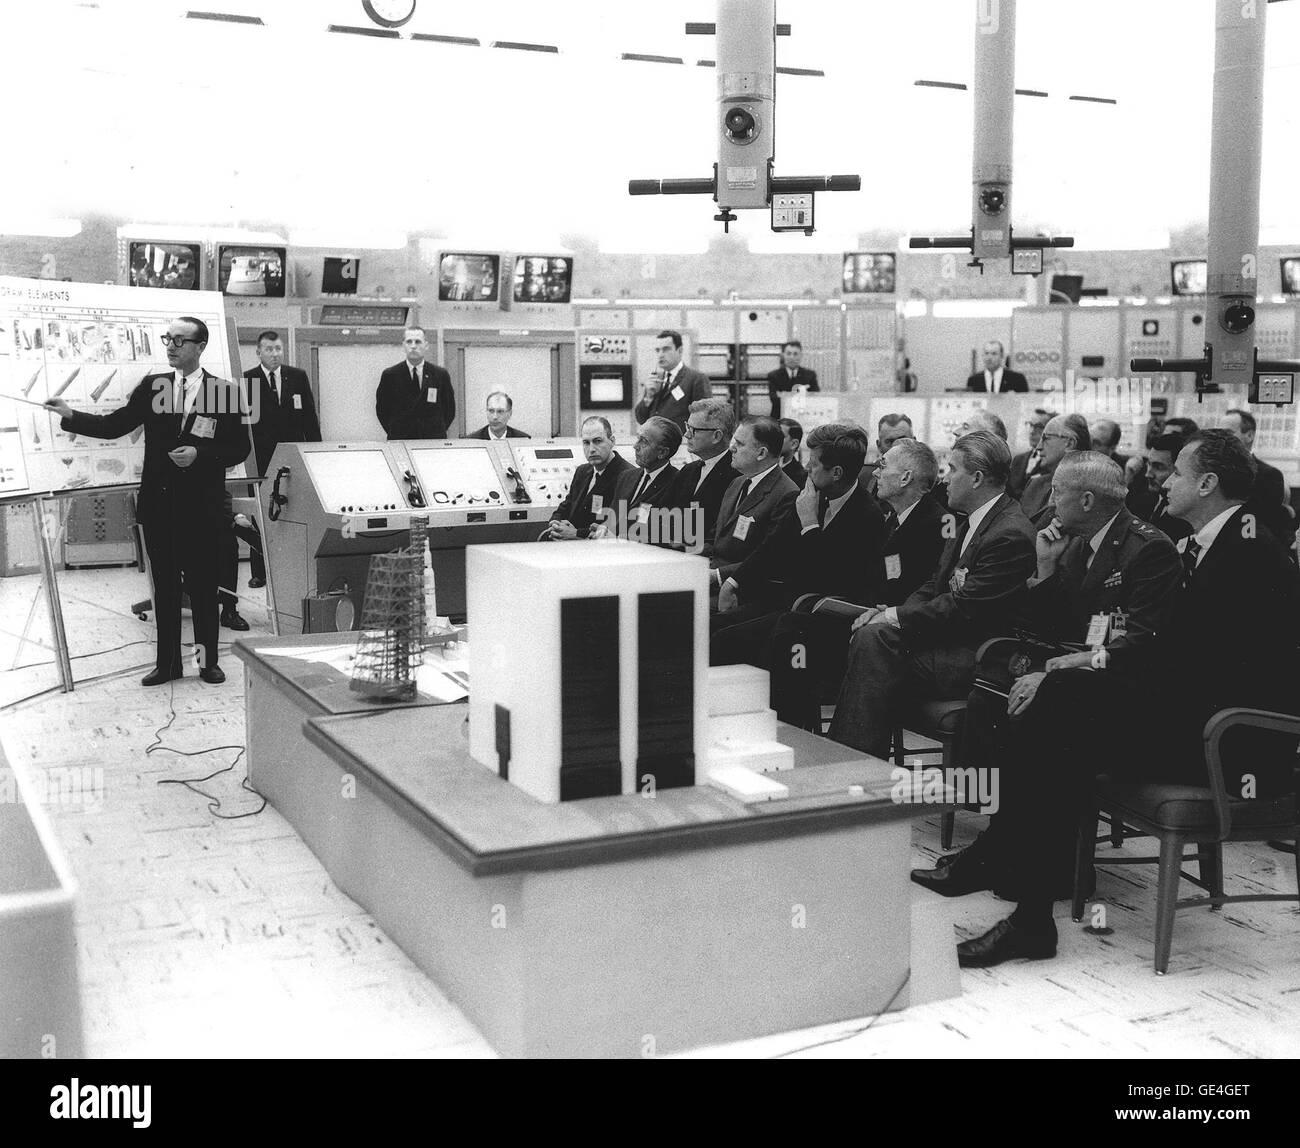 (November 16, 1963) Dr. George Mueller gibt Saturn V Orientierung zu Präsident John F. Kennedy und Funktionäre im Blockhaus 37. Vordere Reihe, von links nach rechts: George Low, Dr. Kurt Debus, Dr. Robert Seamans, James Webb, Präsident Kennedy, Dr. Hugh Dryden, Dr. Wernher von Braun, General Leighten Davis und Senator George Smathers.                                                             Bild-Nr.: 1963ADM-1 Stockfoto